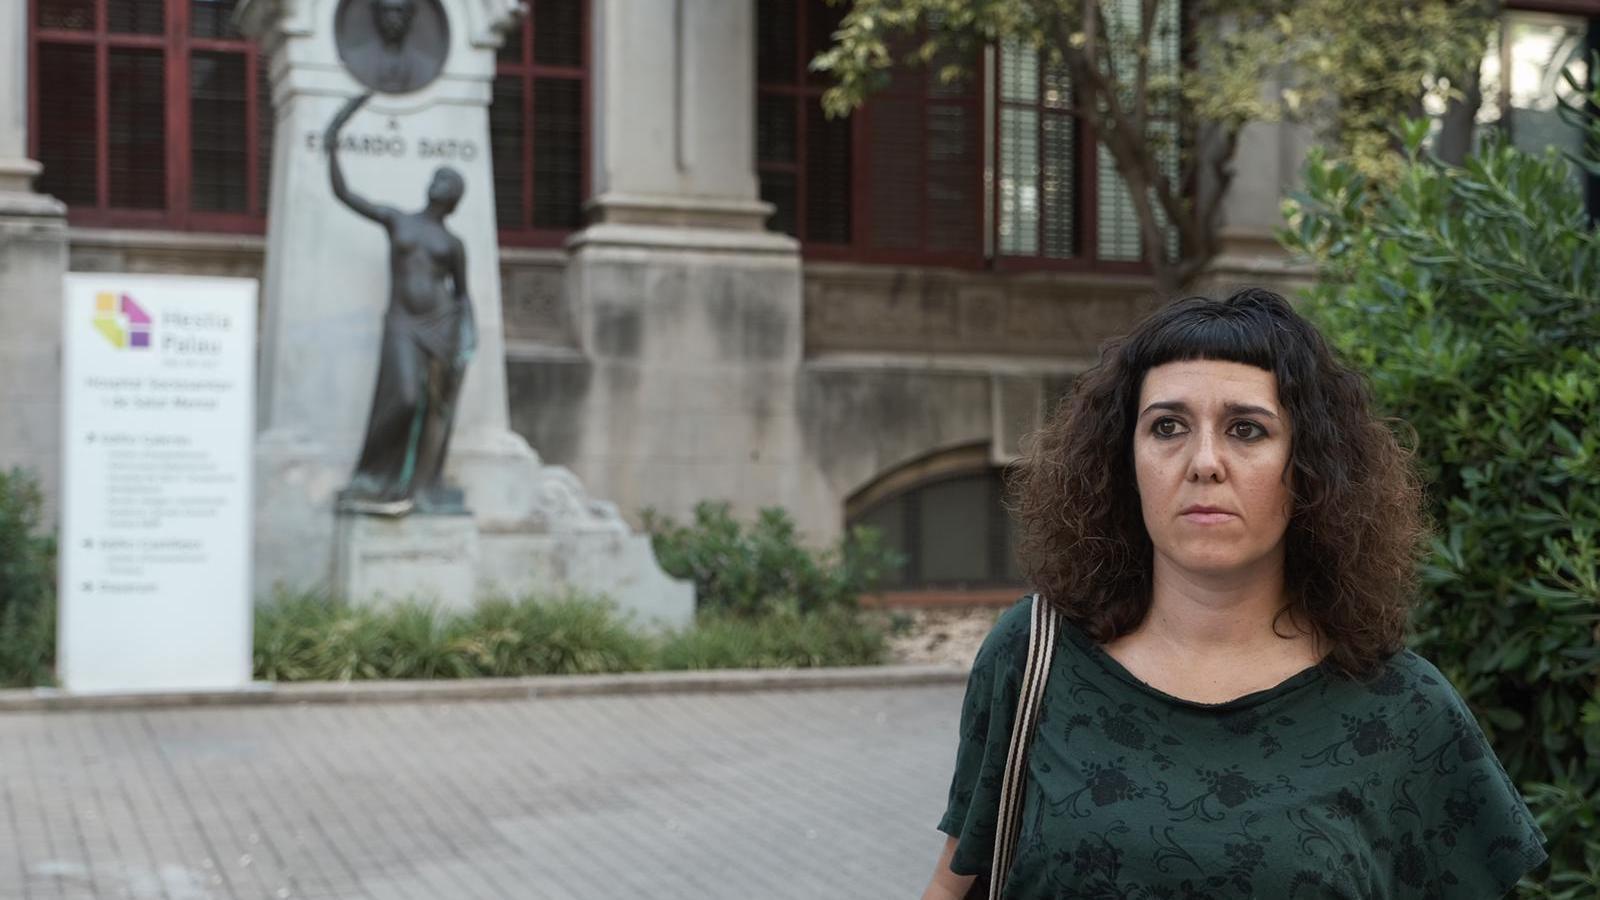 La Beatriz Martín, aquest divendres, davant de l'Hestia Palau